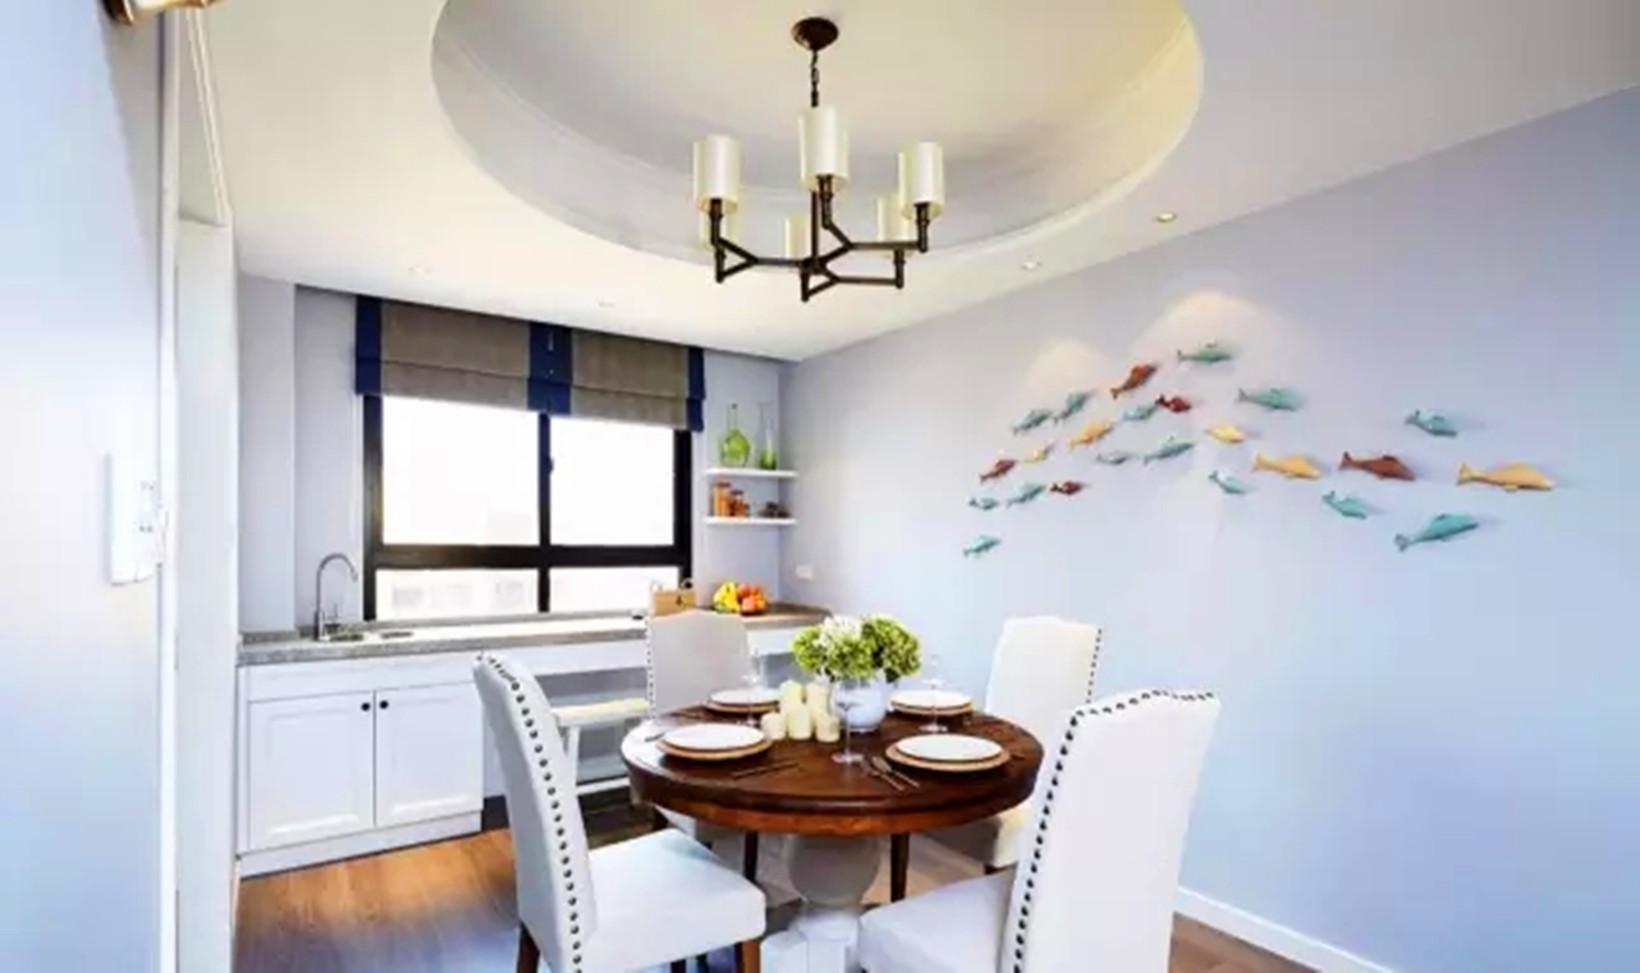 简约 美式 四居 餐厅图片来自高度国际装饰宋增会在东辰小区 133平米简约美式的分享